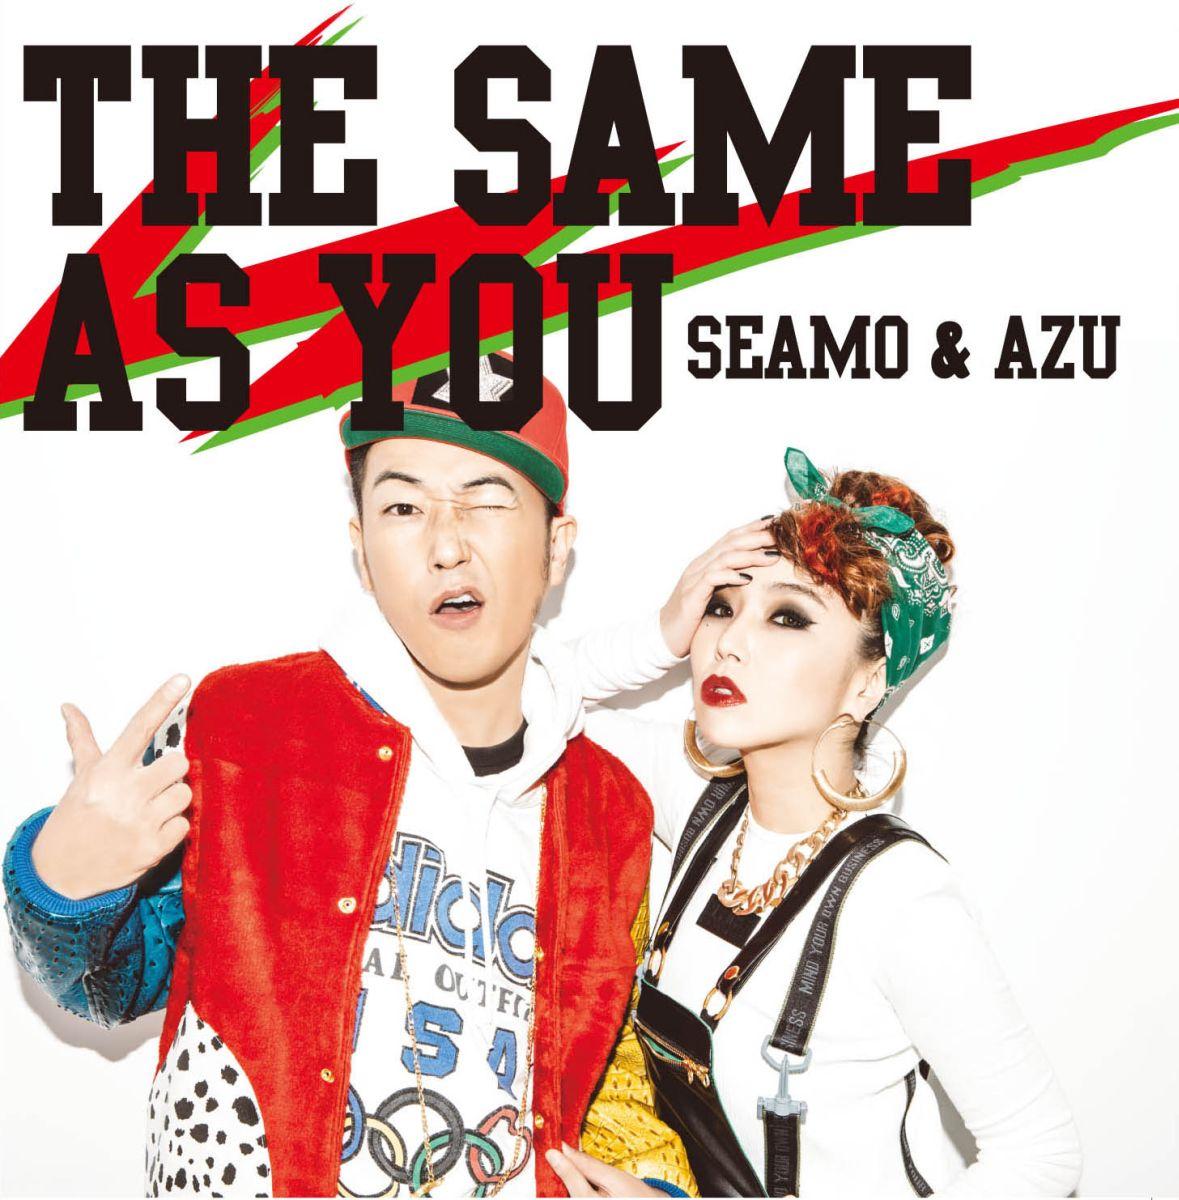 SEAMO&AZU